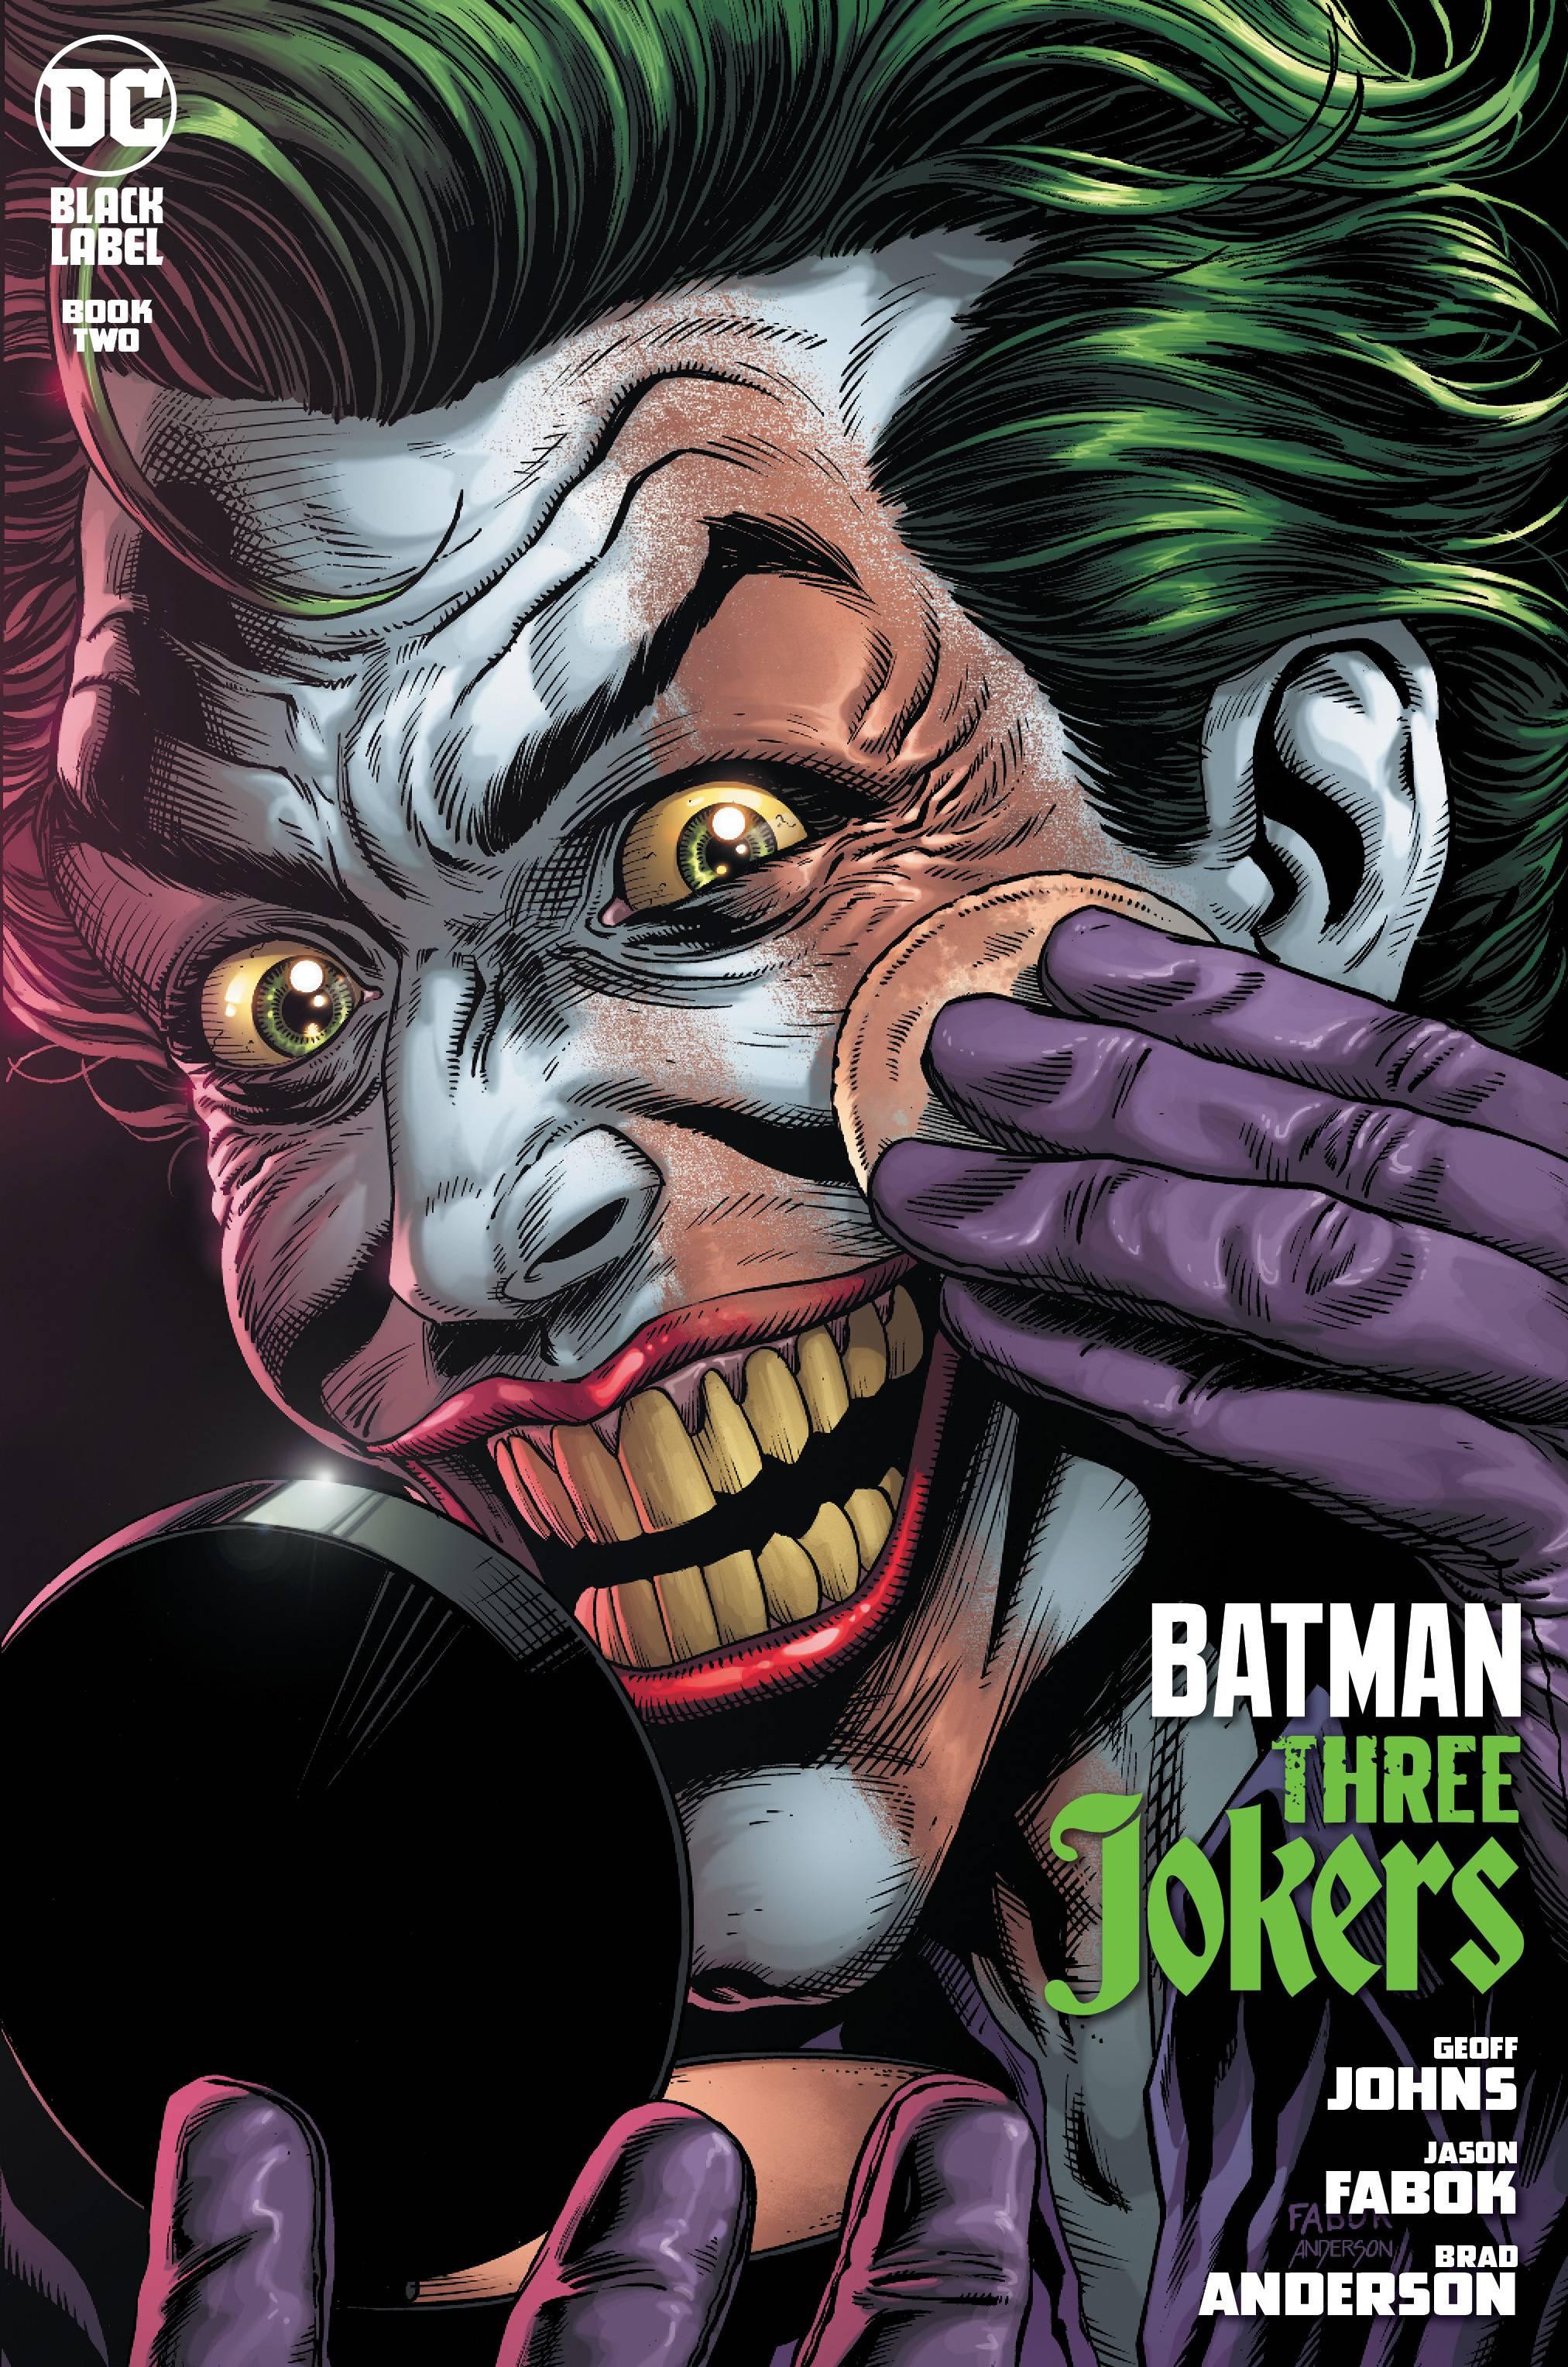 APR208674 - BATMAN THREE JOKERS #2 (OF 3) PREMIUM VAR F ...